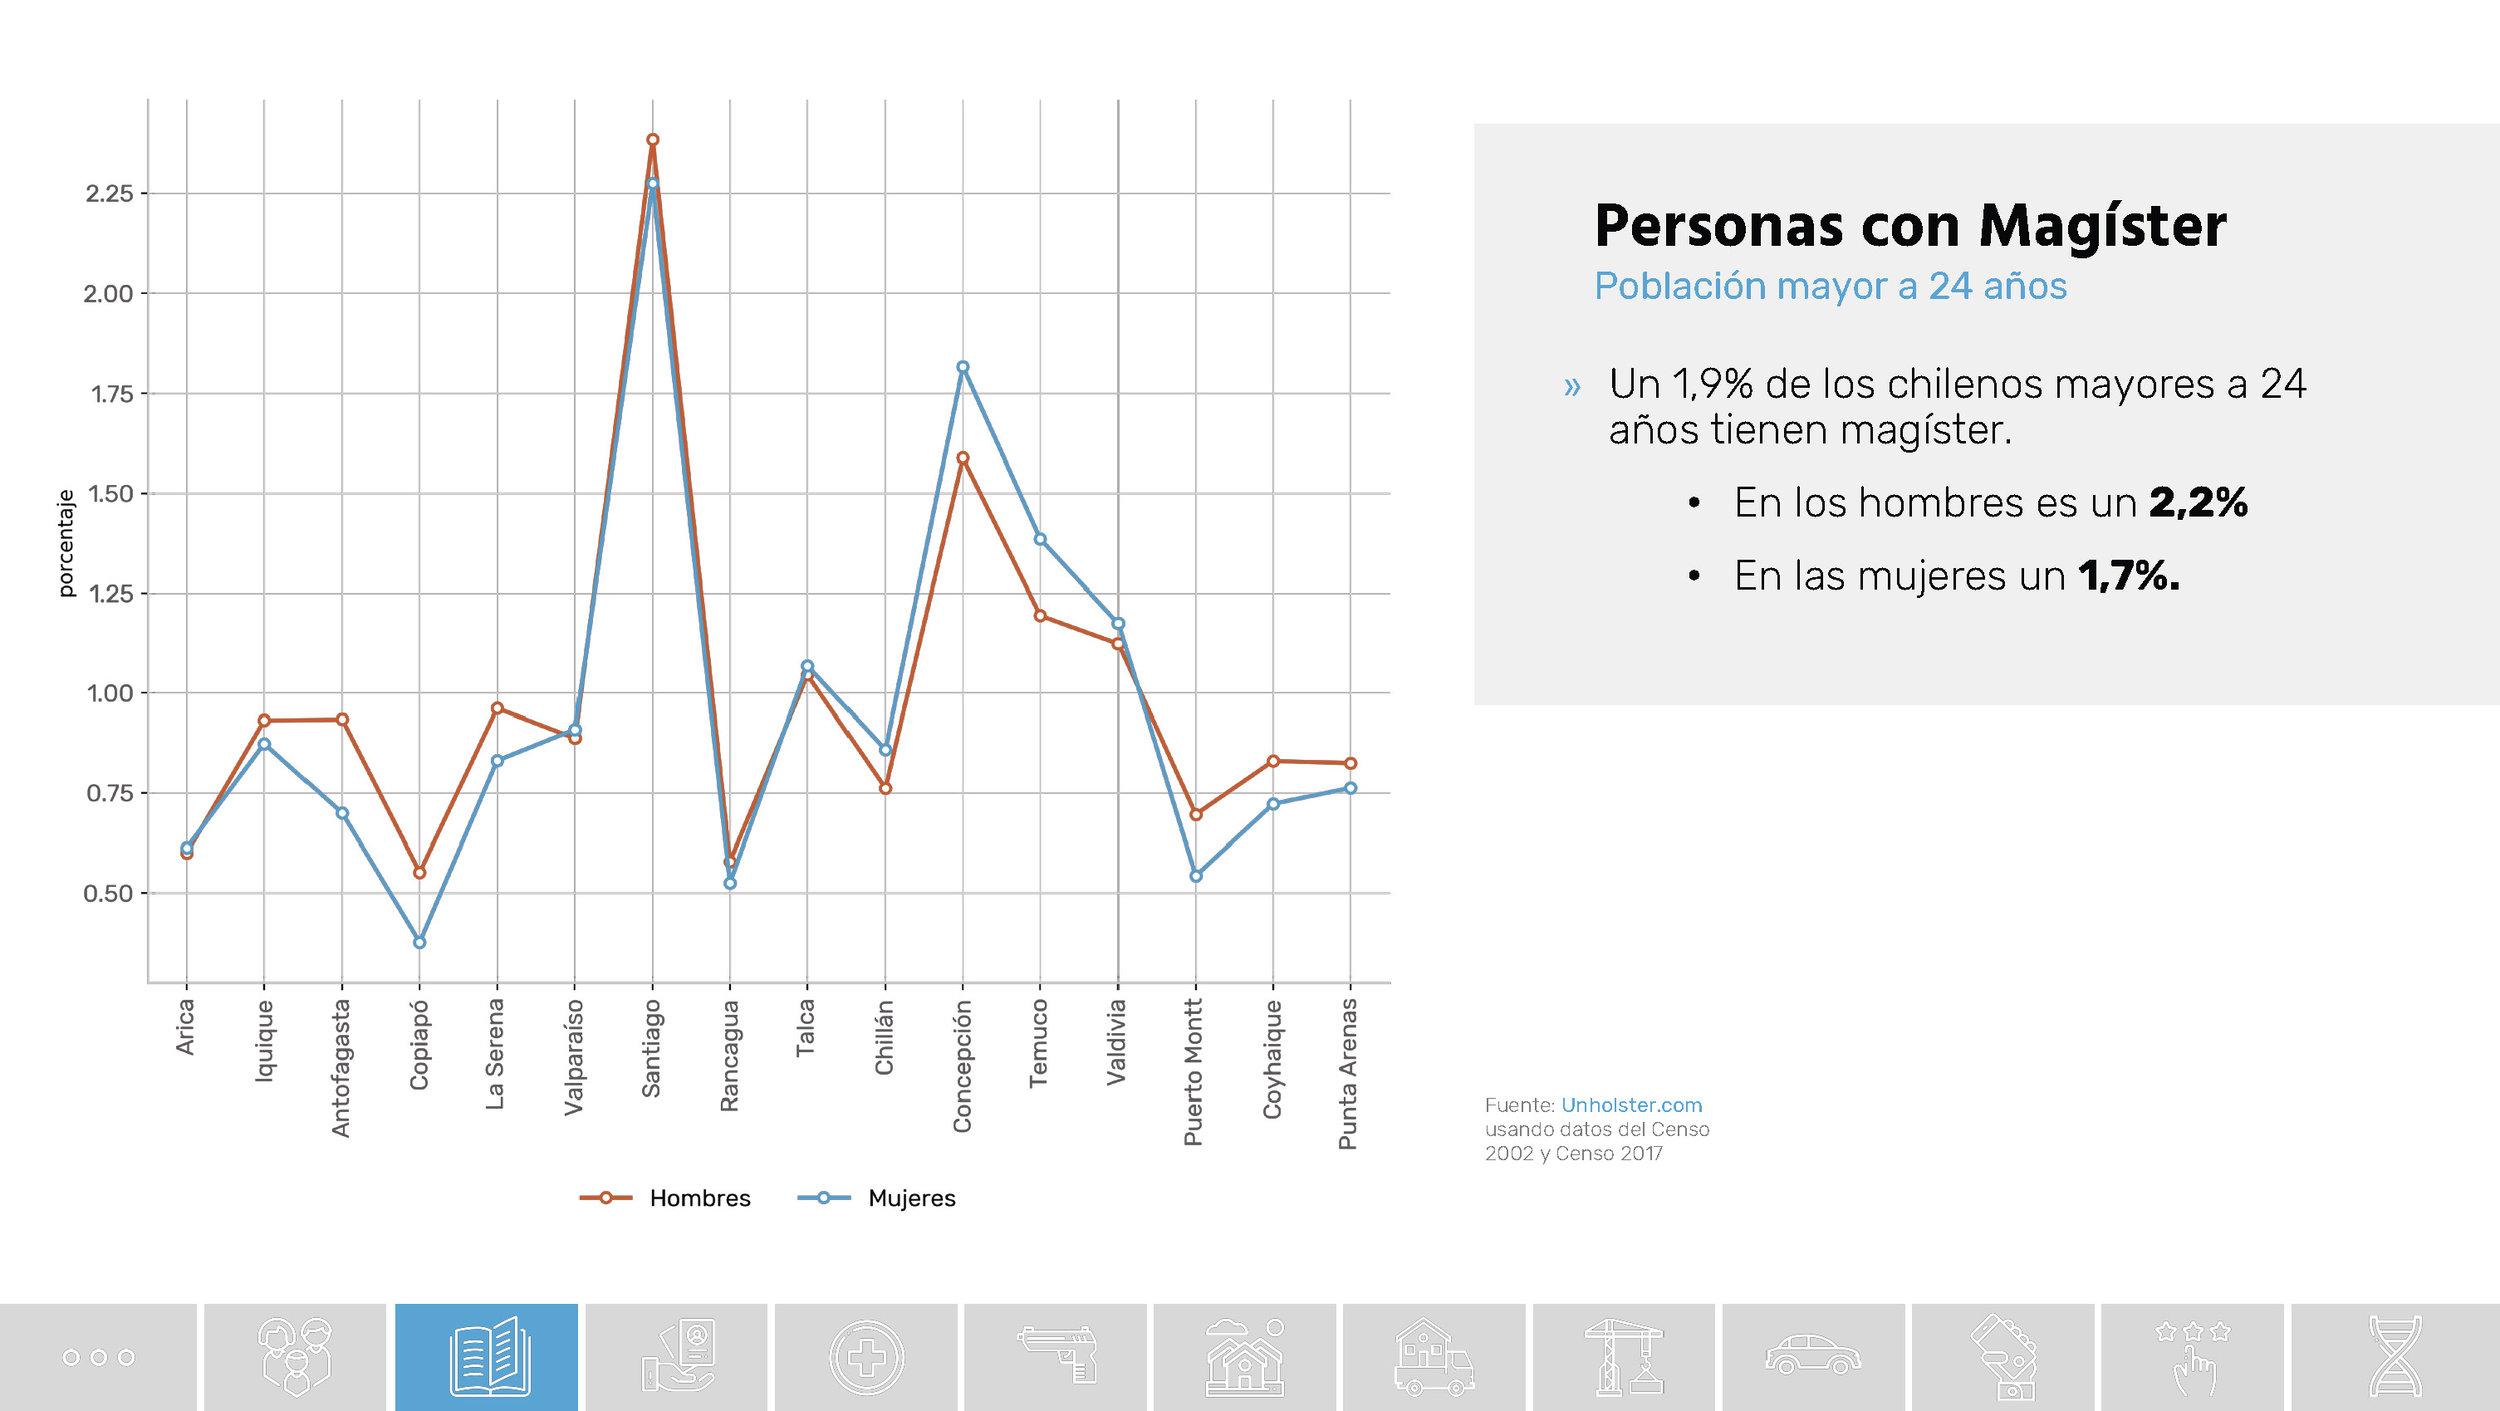 Chile_Datos de una transformacion social_Unholster_Página_22.jpg